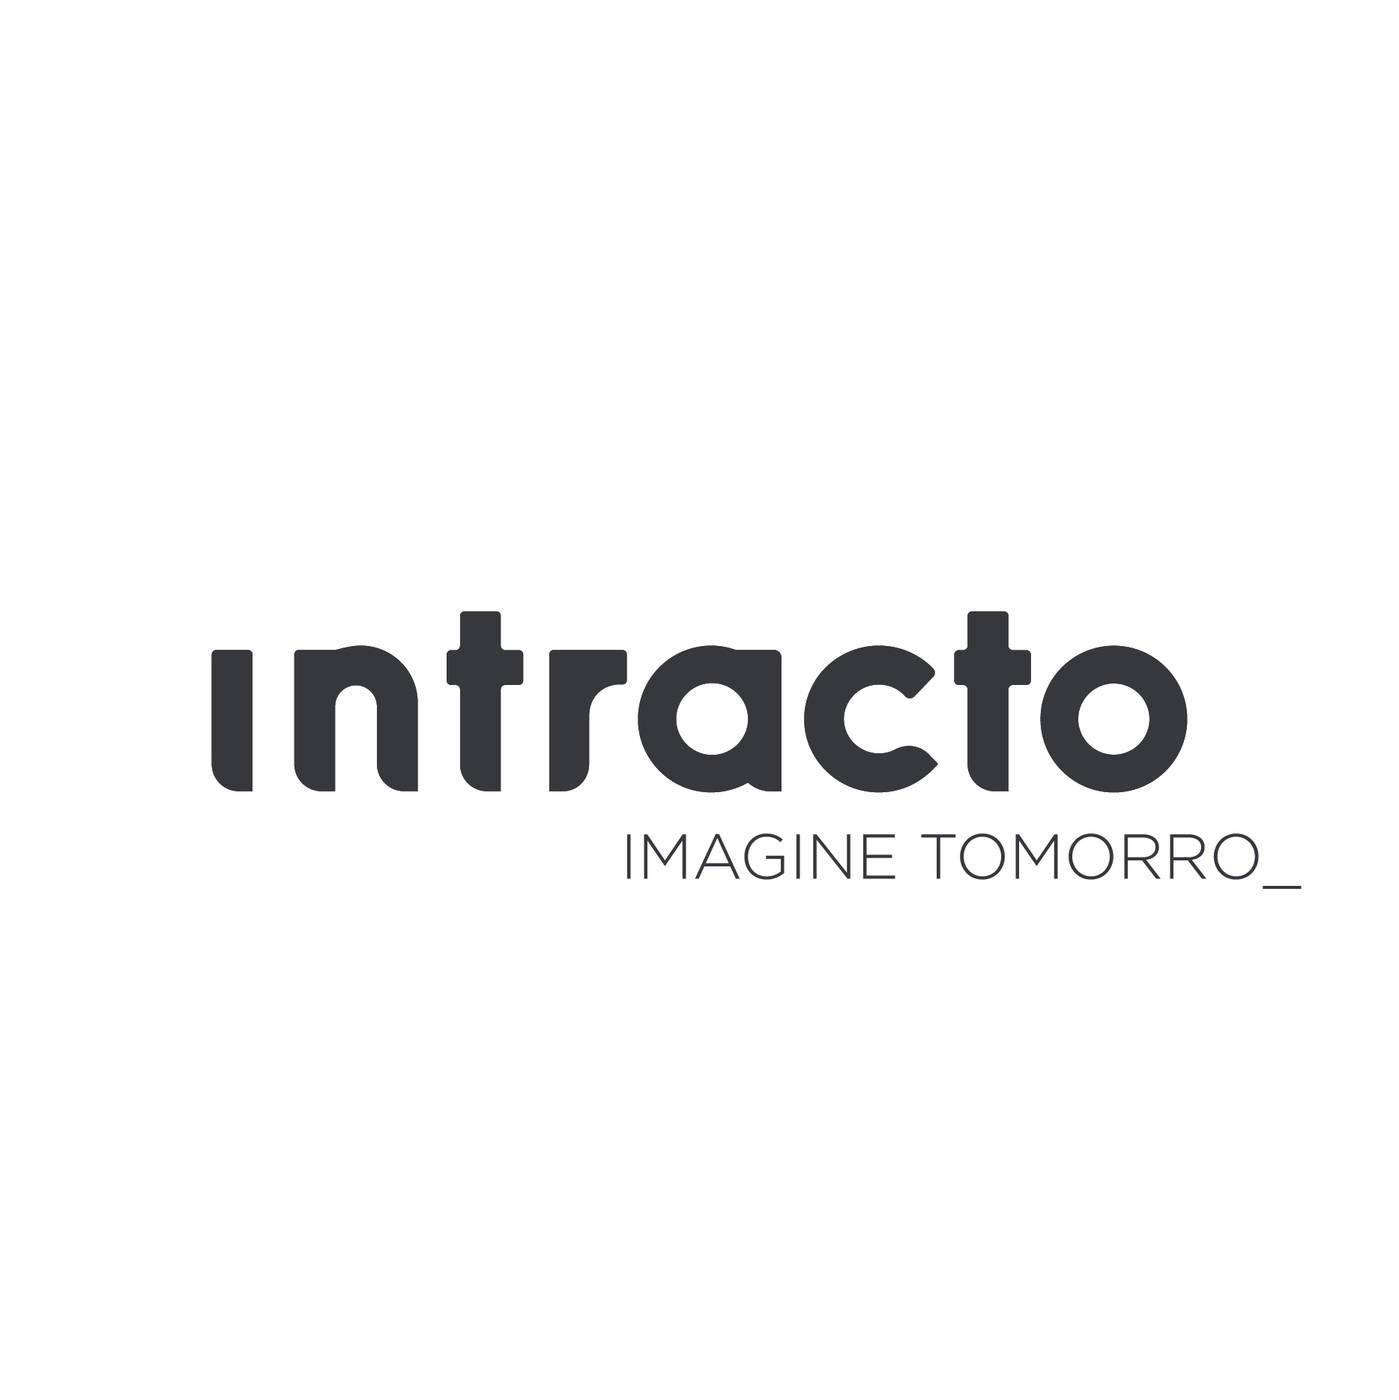 Intracto Digital Agency